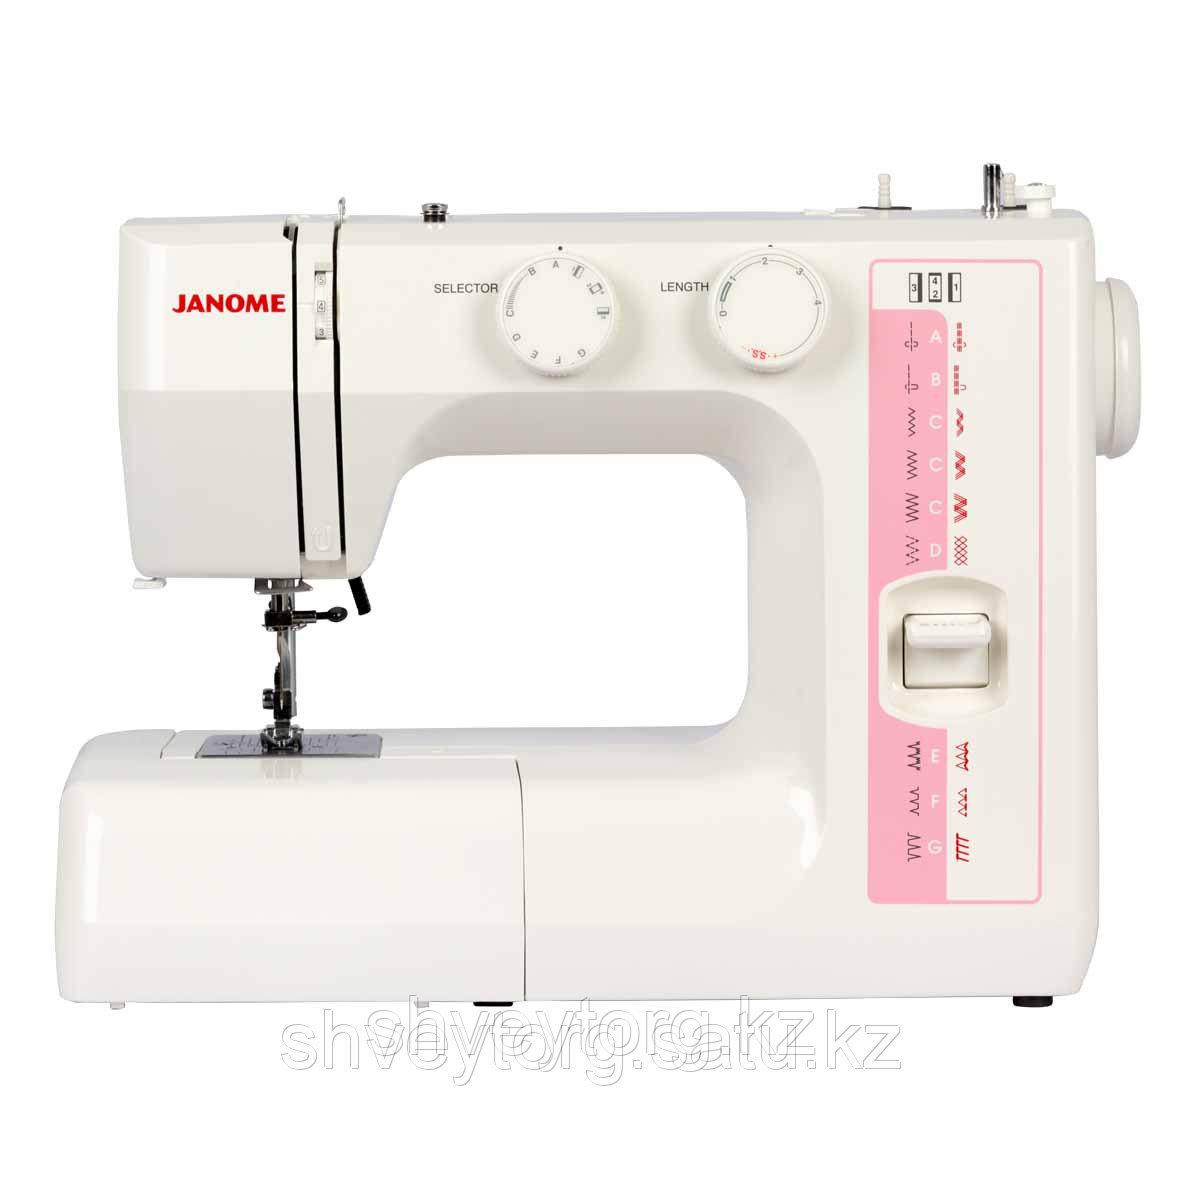 Бытовая швейная машина Janome RE 1712